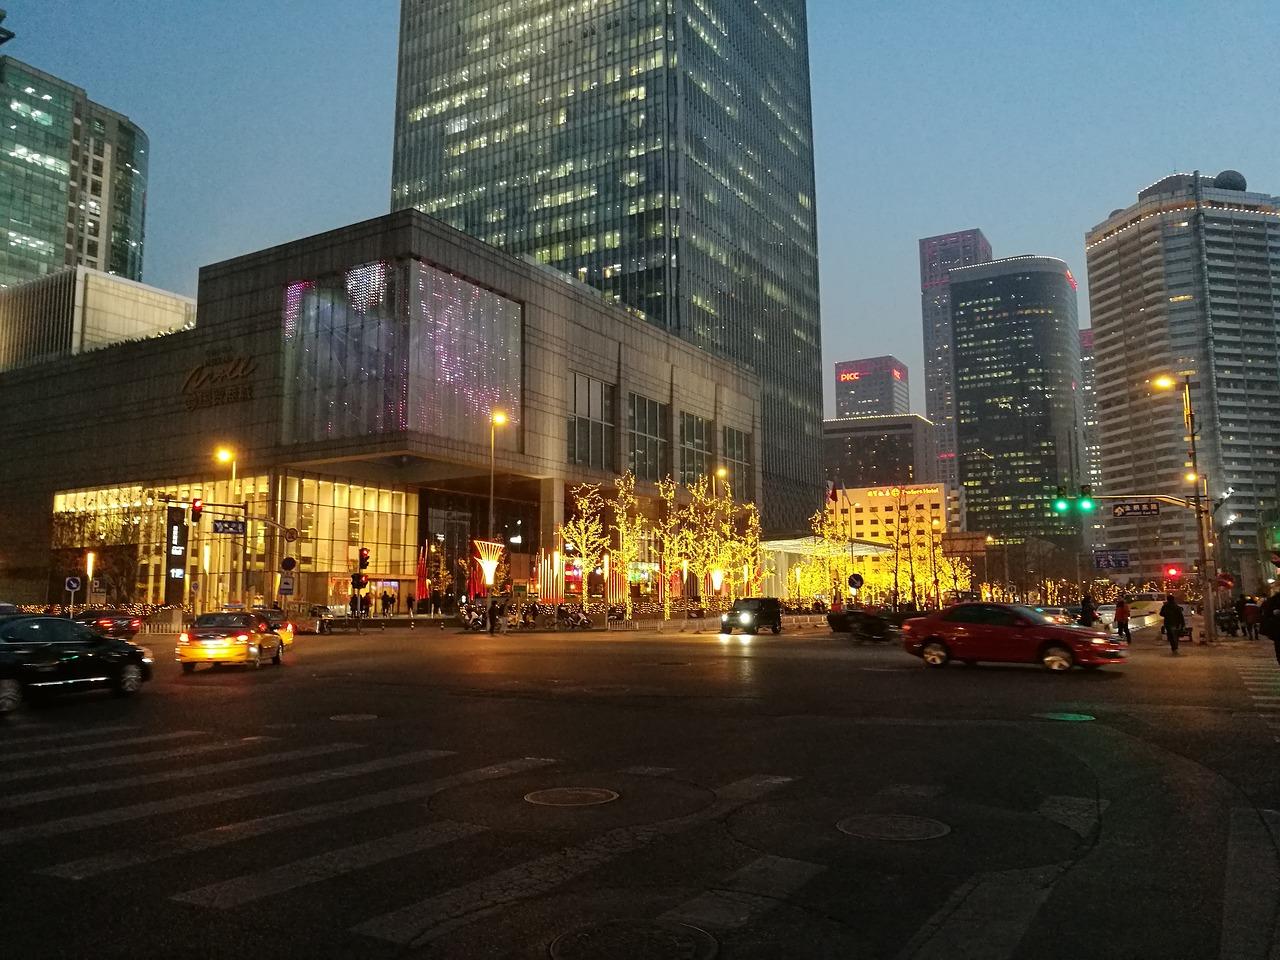 Primi cenni di ripresa economica in Asia, a Pechino la vita ritorna verso la normalità